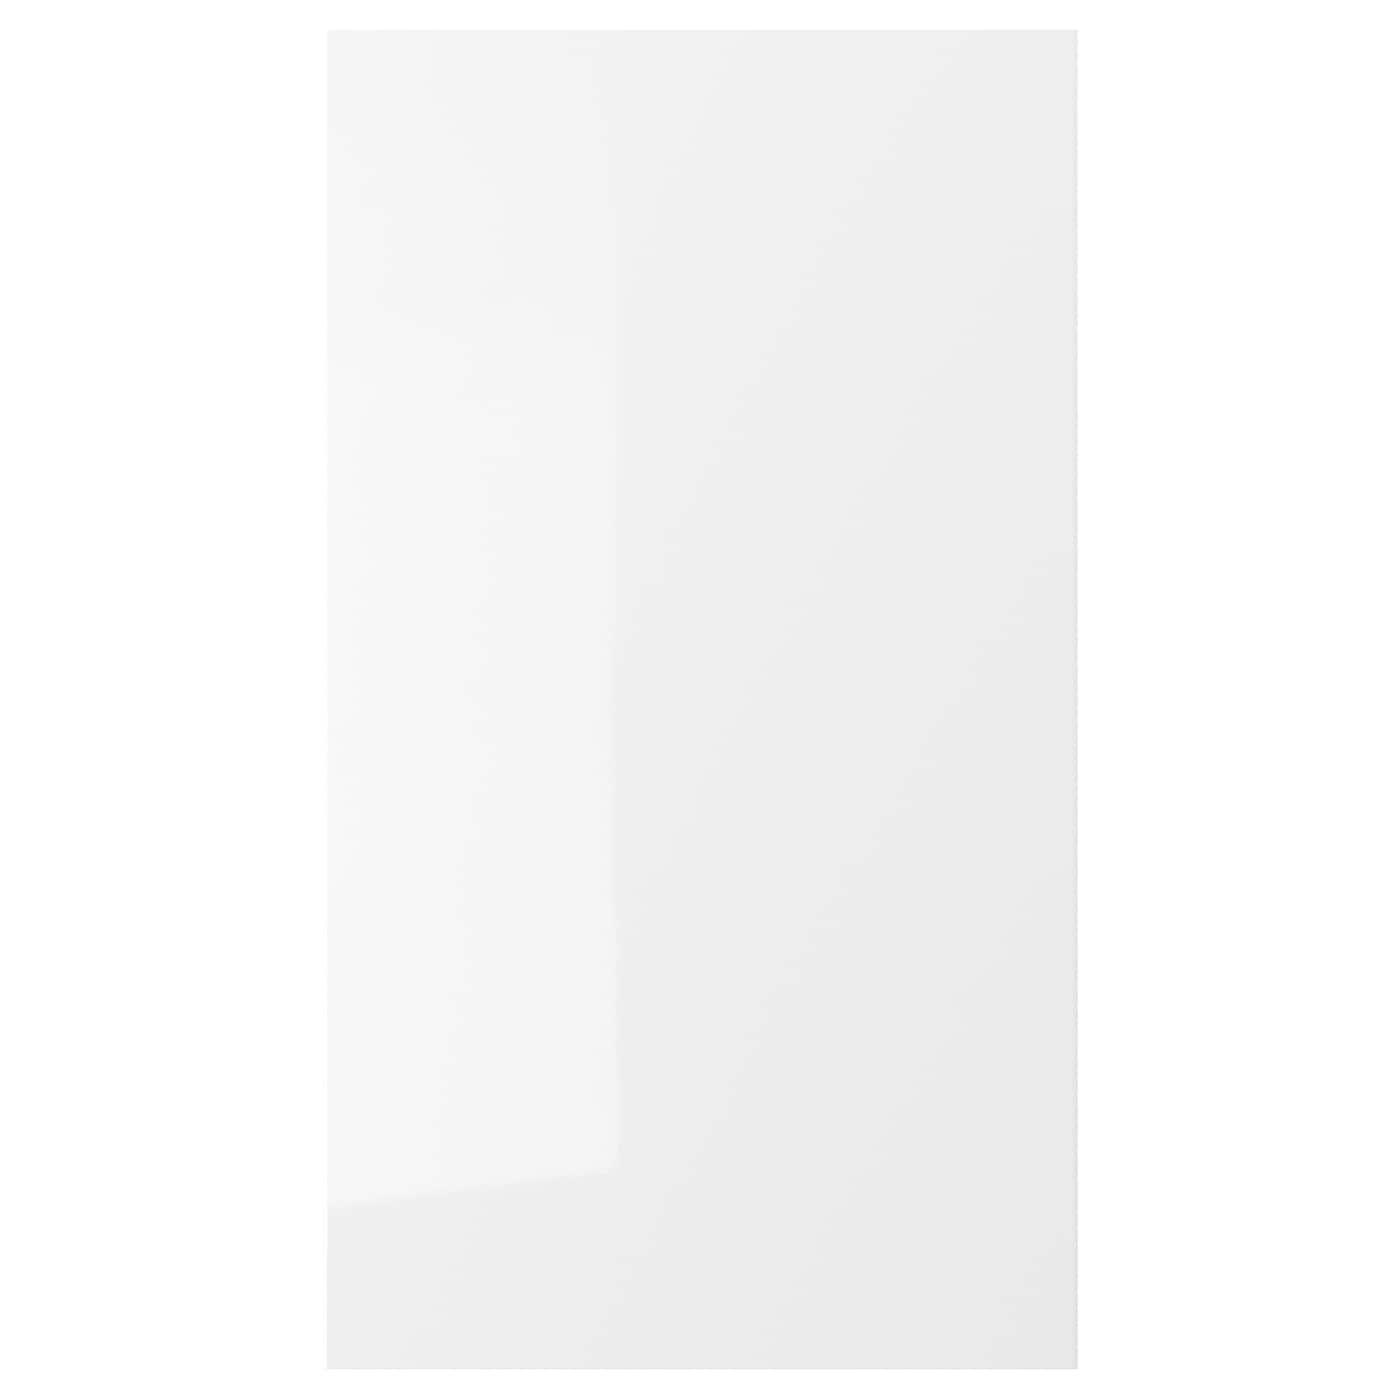 Ringhult Door High Gloss White 60 X 80 Cm: RINGHULT Front For Dishwasher High-gloss White 45 X 80 Cm